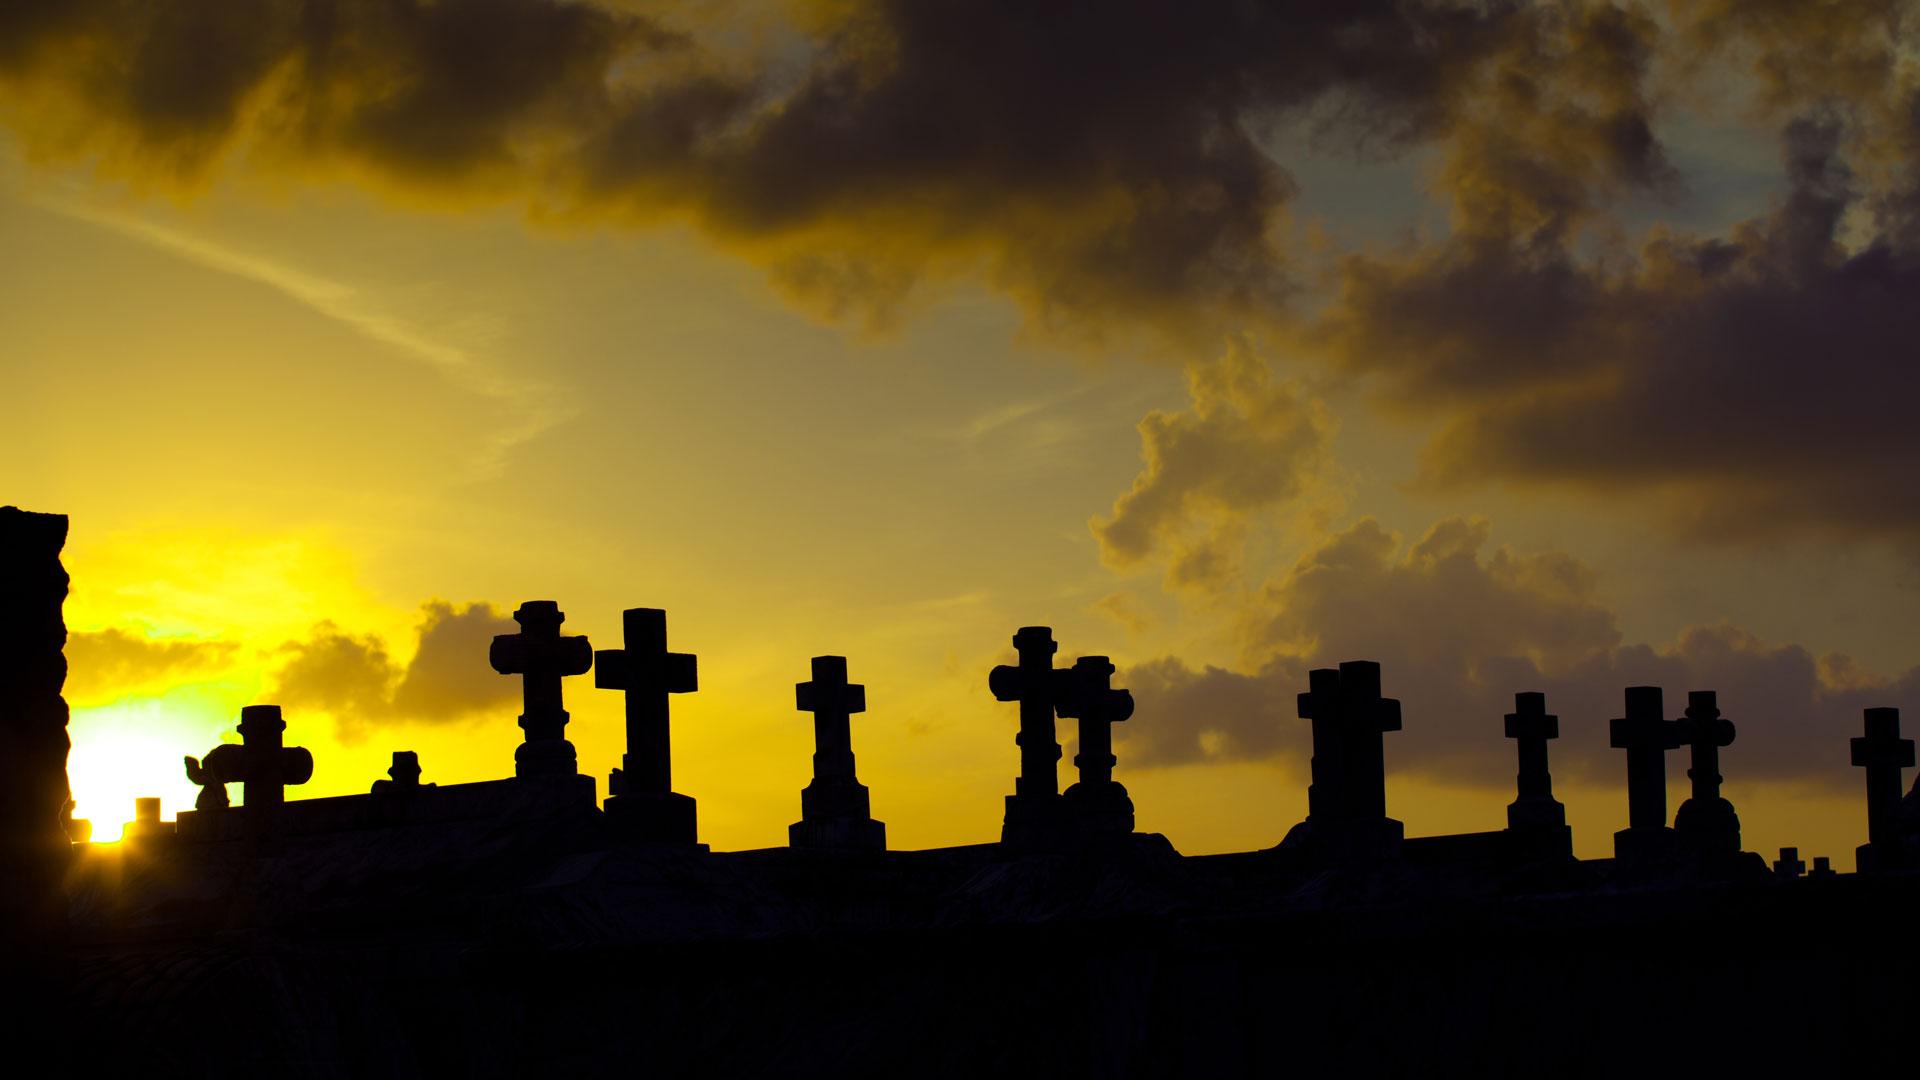 Beware the rising dead